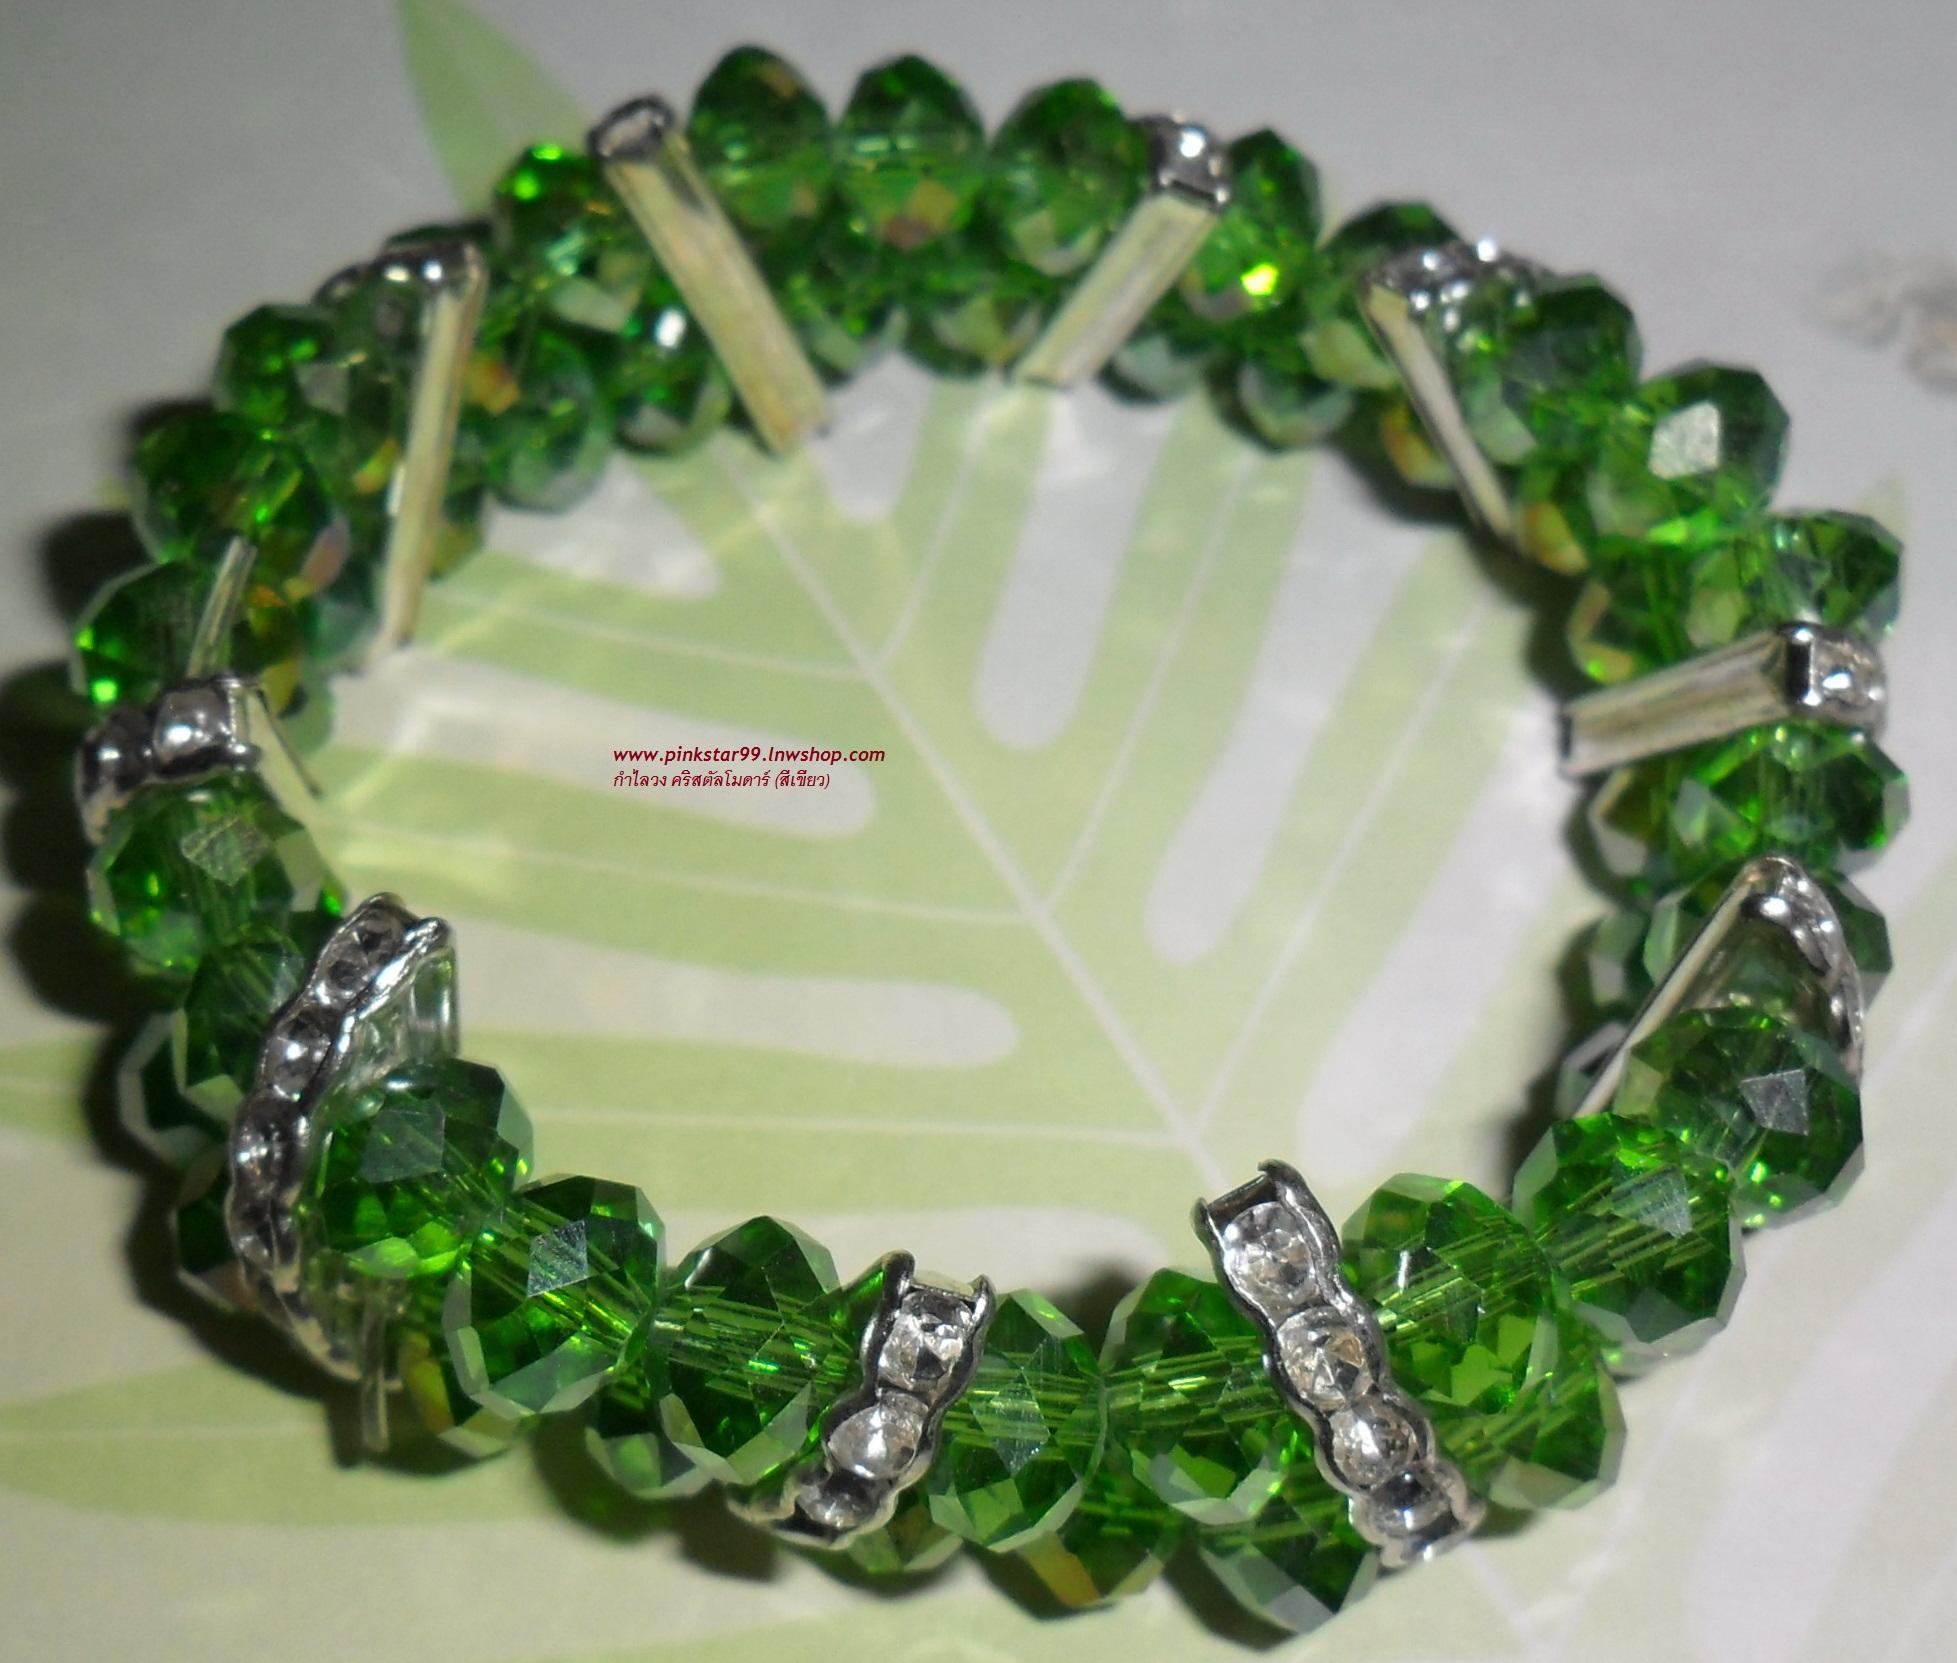 (ขายแล้วค่ะ) K09 กำไลวง คริสตัลโมดาร์ (สีเขียว)